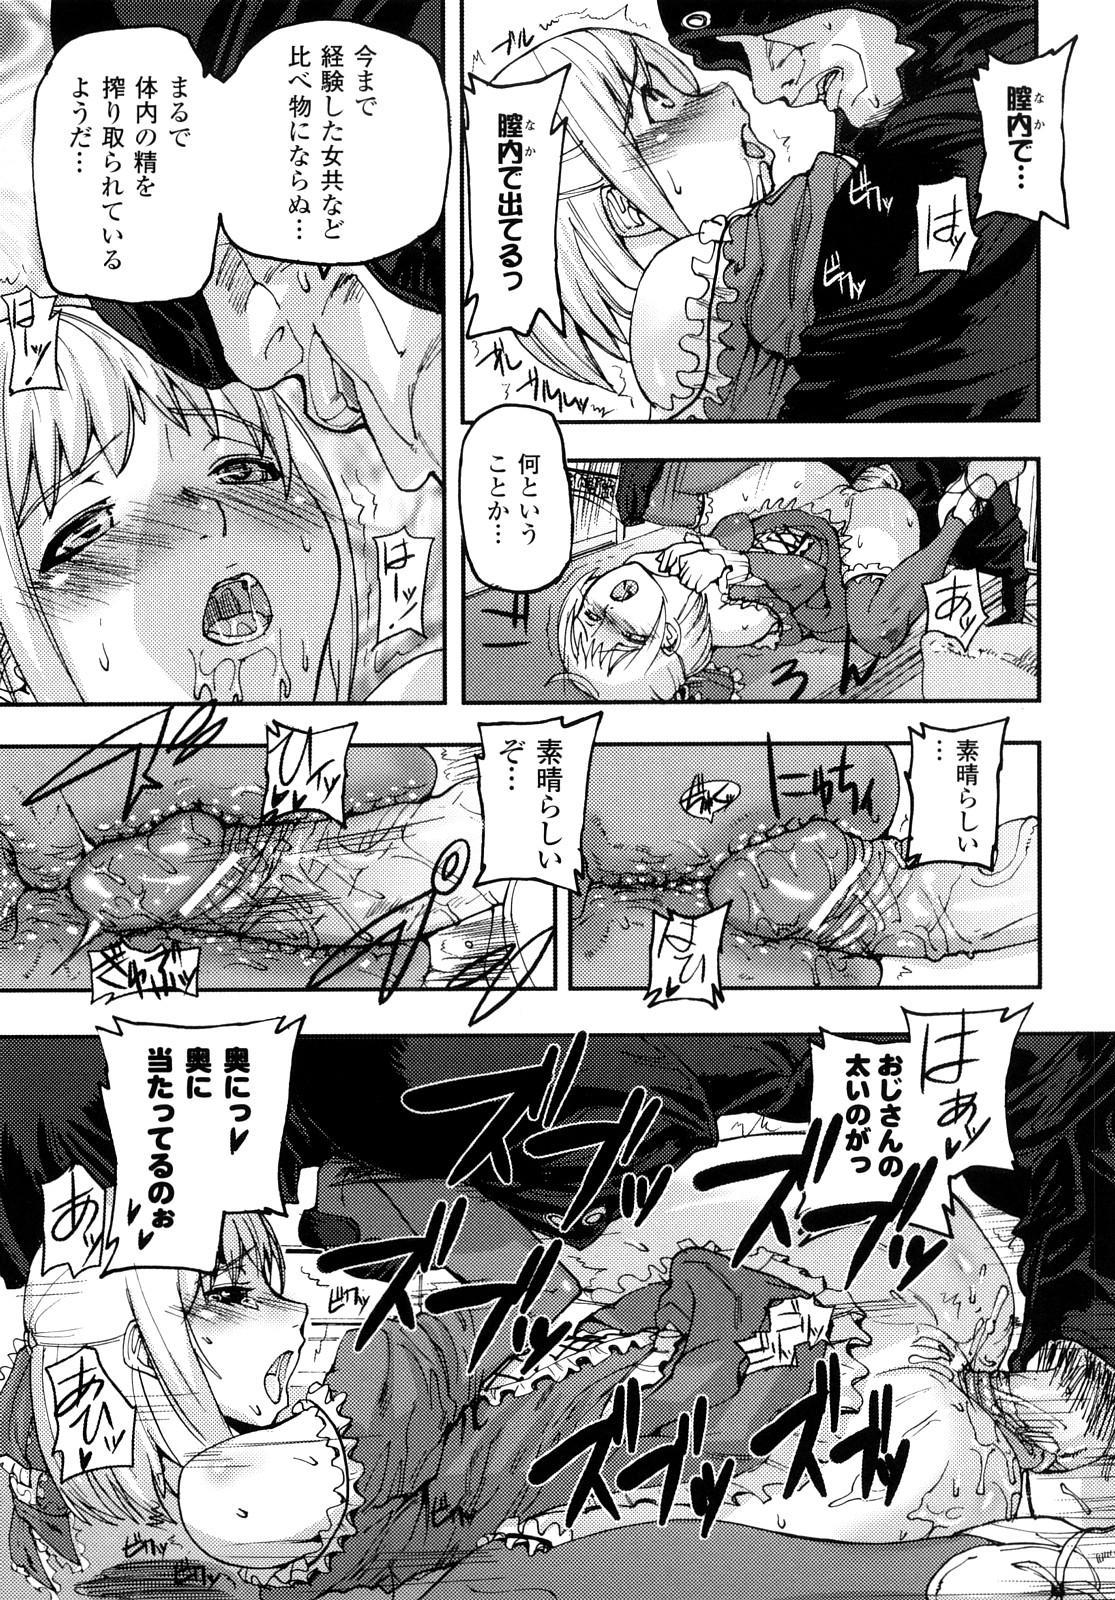 Cerberum no Hitsugi Haitoku no Hanmegami - The Coffin of Cerebrum Immoral Demivenus 155